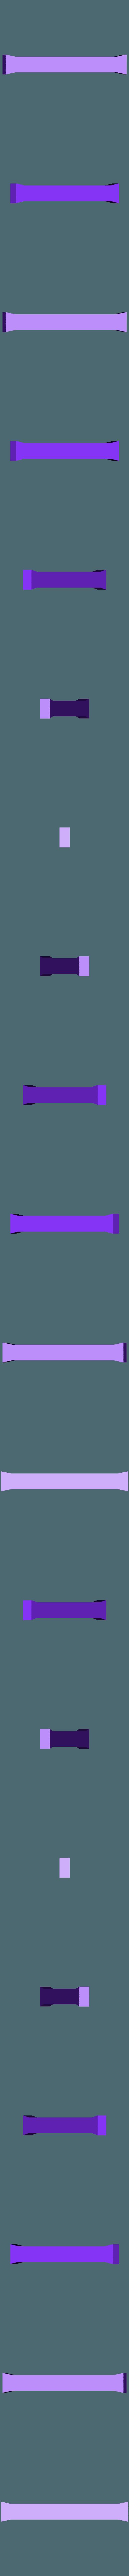 crossbar-165.stl Télécharger fichier STL gratuit Couloir Seej • Design pour impression 3D, bLiTzJoN